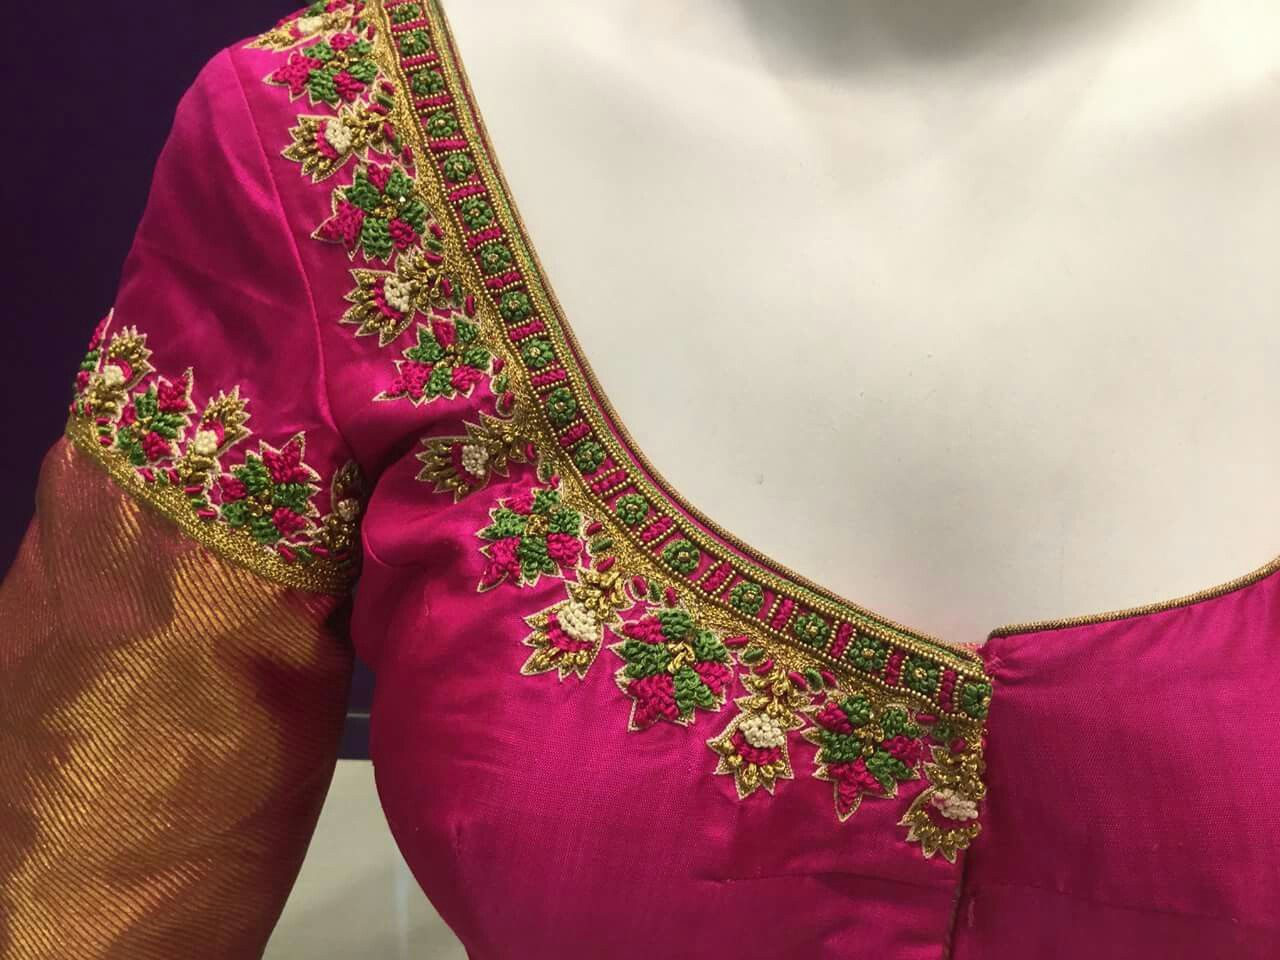 Pin By Almeena On Embroidery N Aari Work In 2019 Blouse Designs